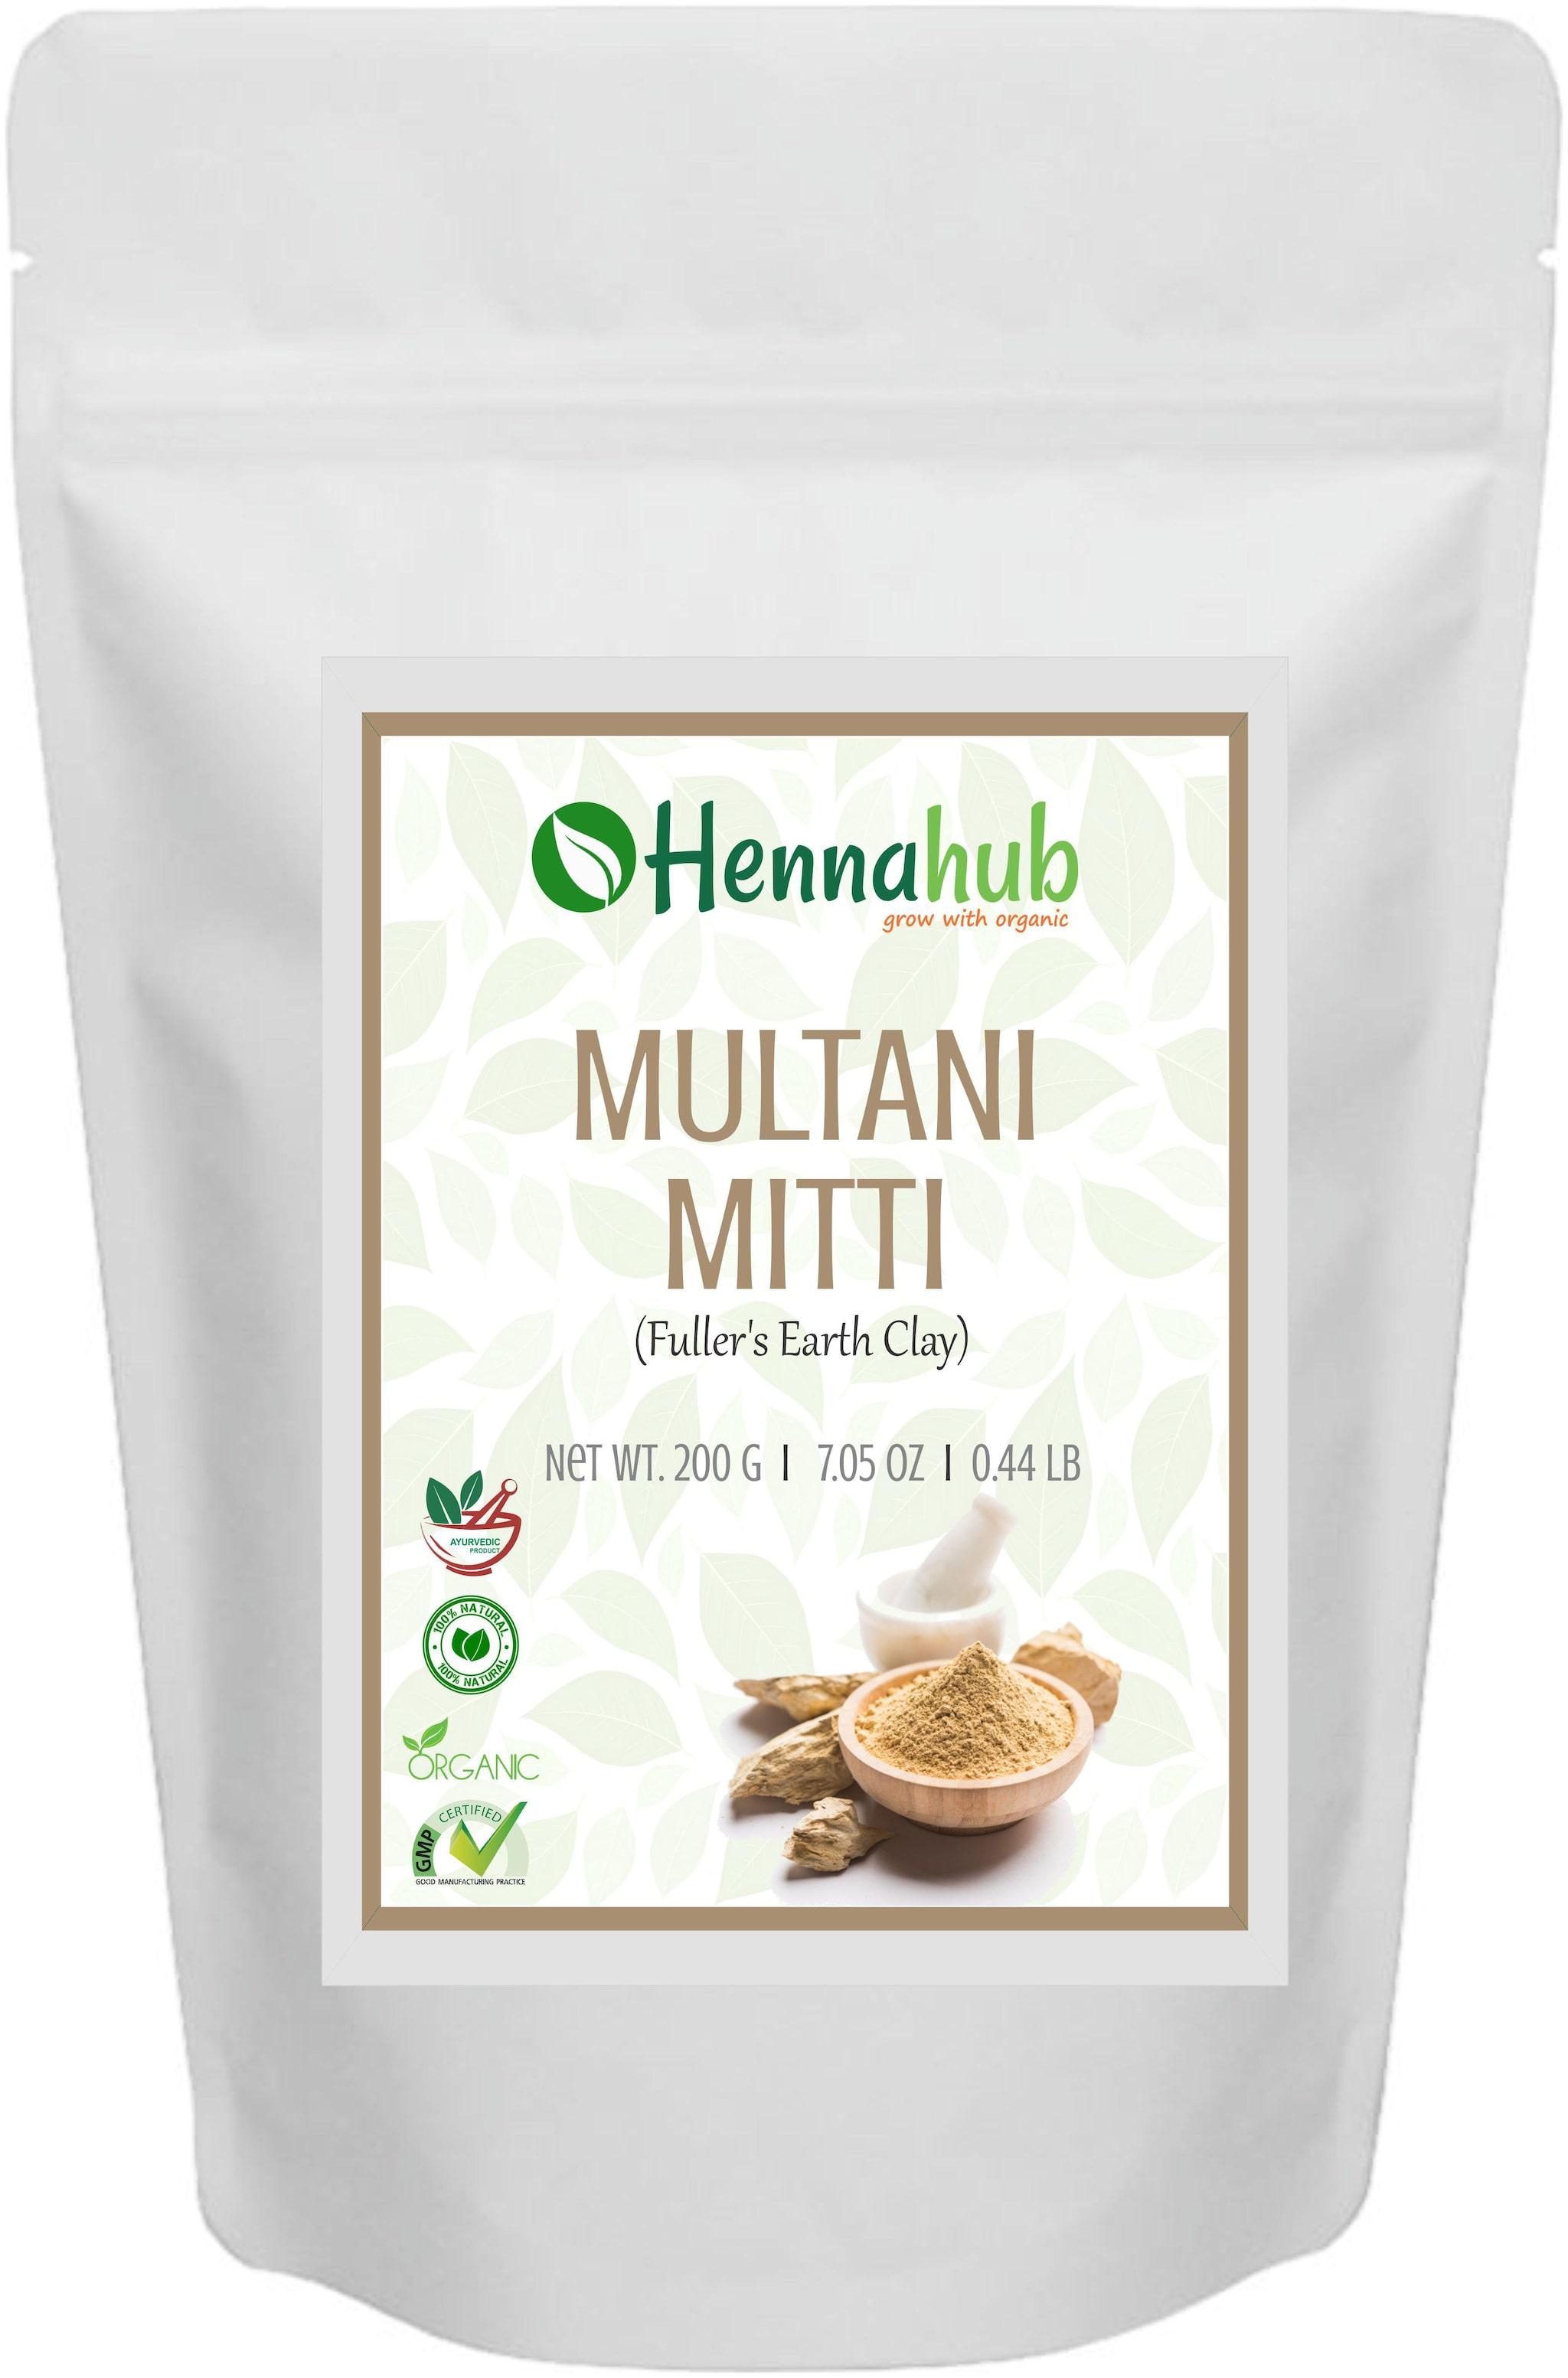 Hennahub Multani Mitti